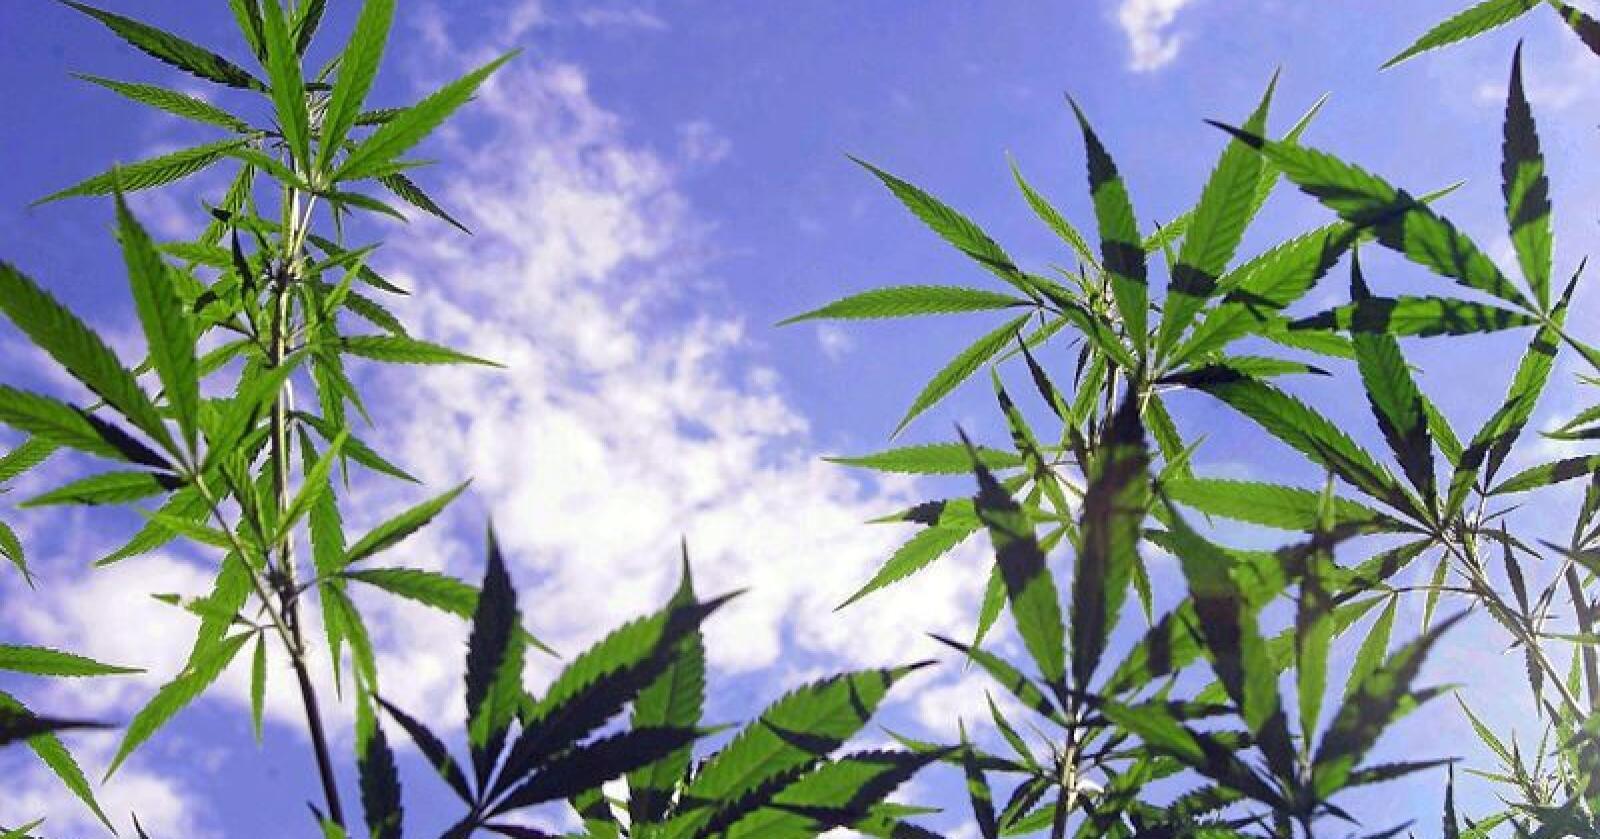 Dyrking av cannabis kan bli fremtiden for pelsdyrbønder, ifølge Venstre-politiker. Foto: Colourbox